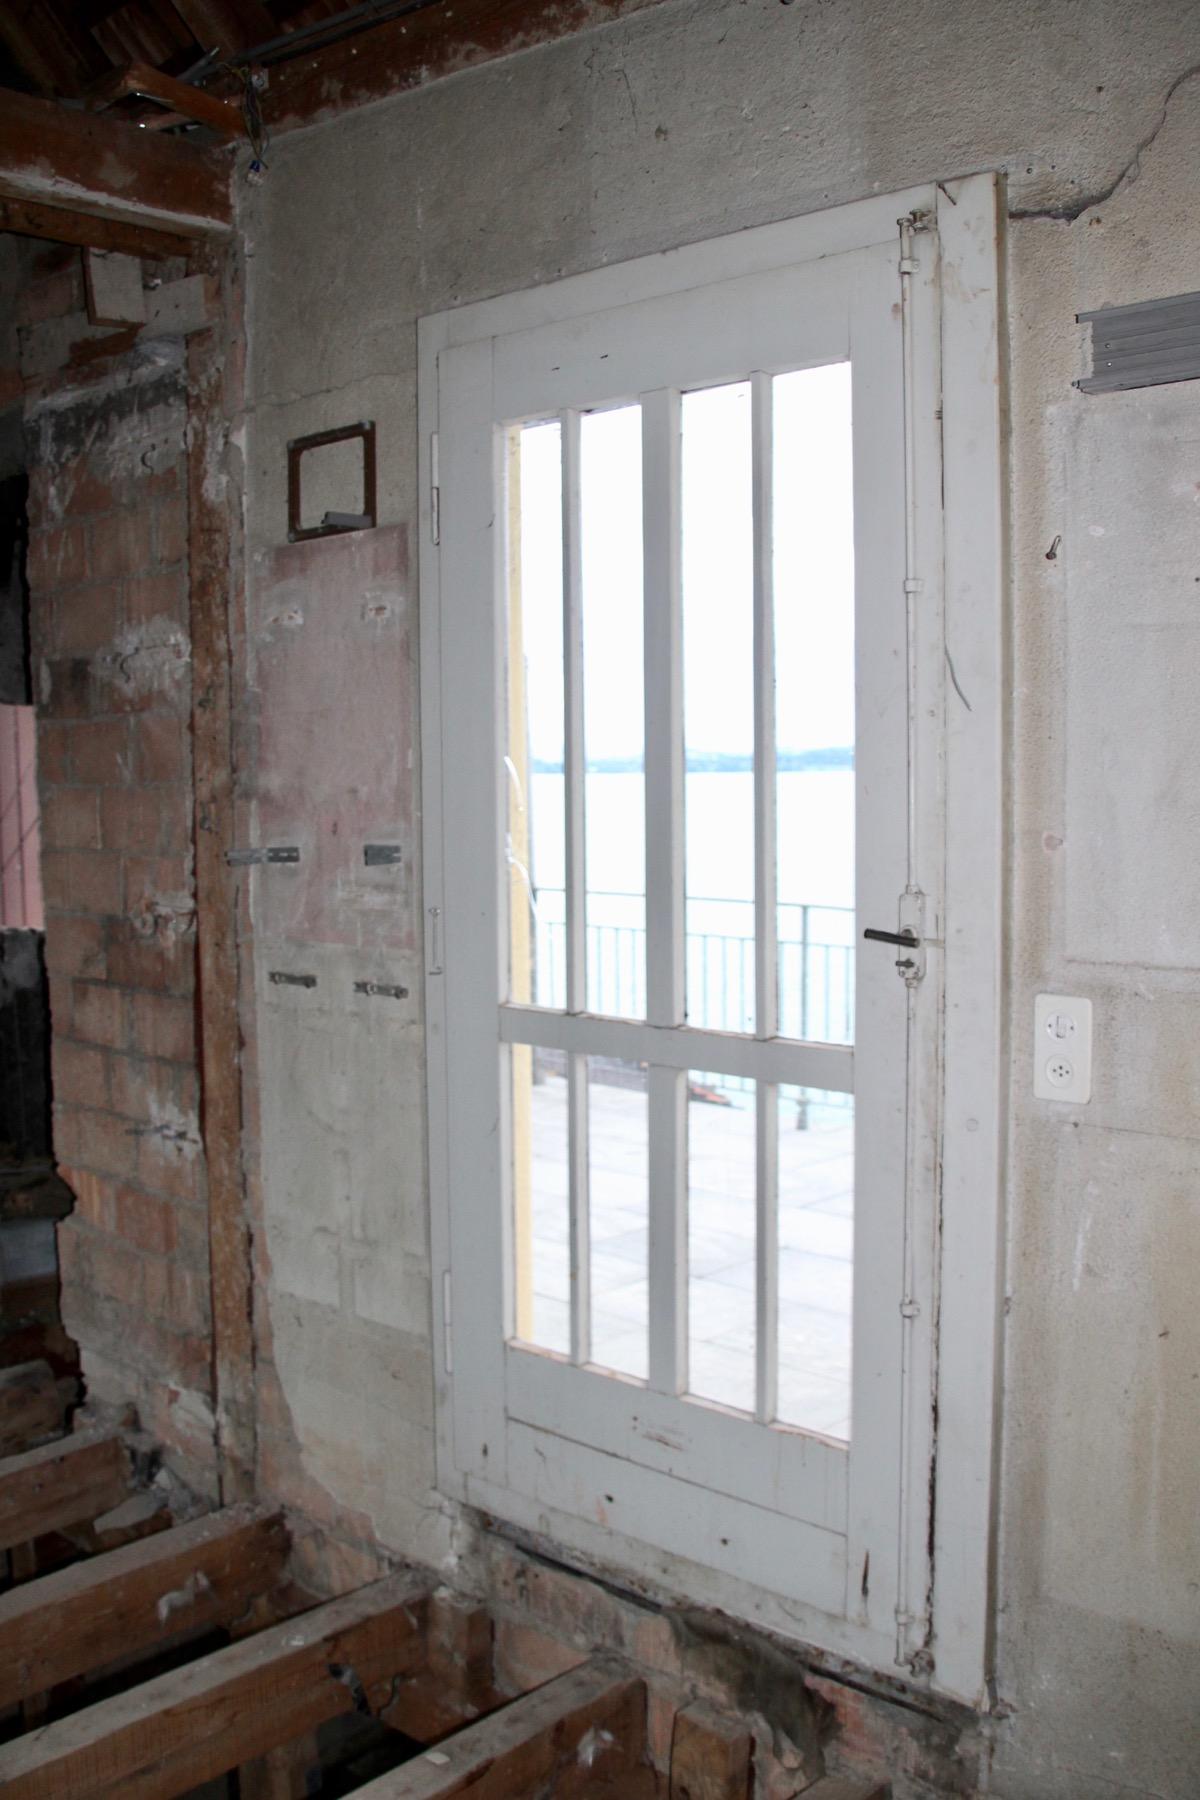 Die verlockende Tür zur Dachterrasse. Leider ist diese nur für Schwindelfreie erreichbar.